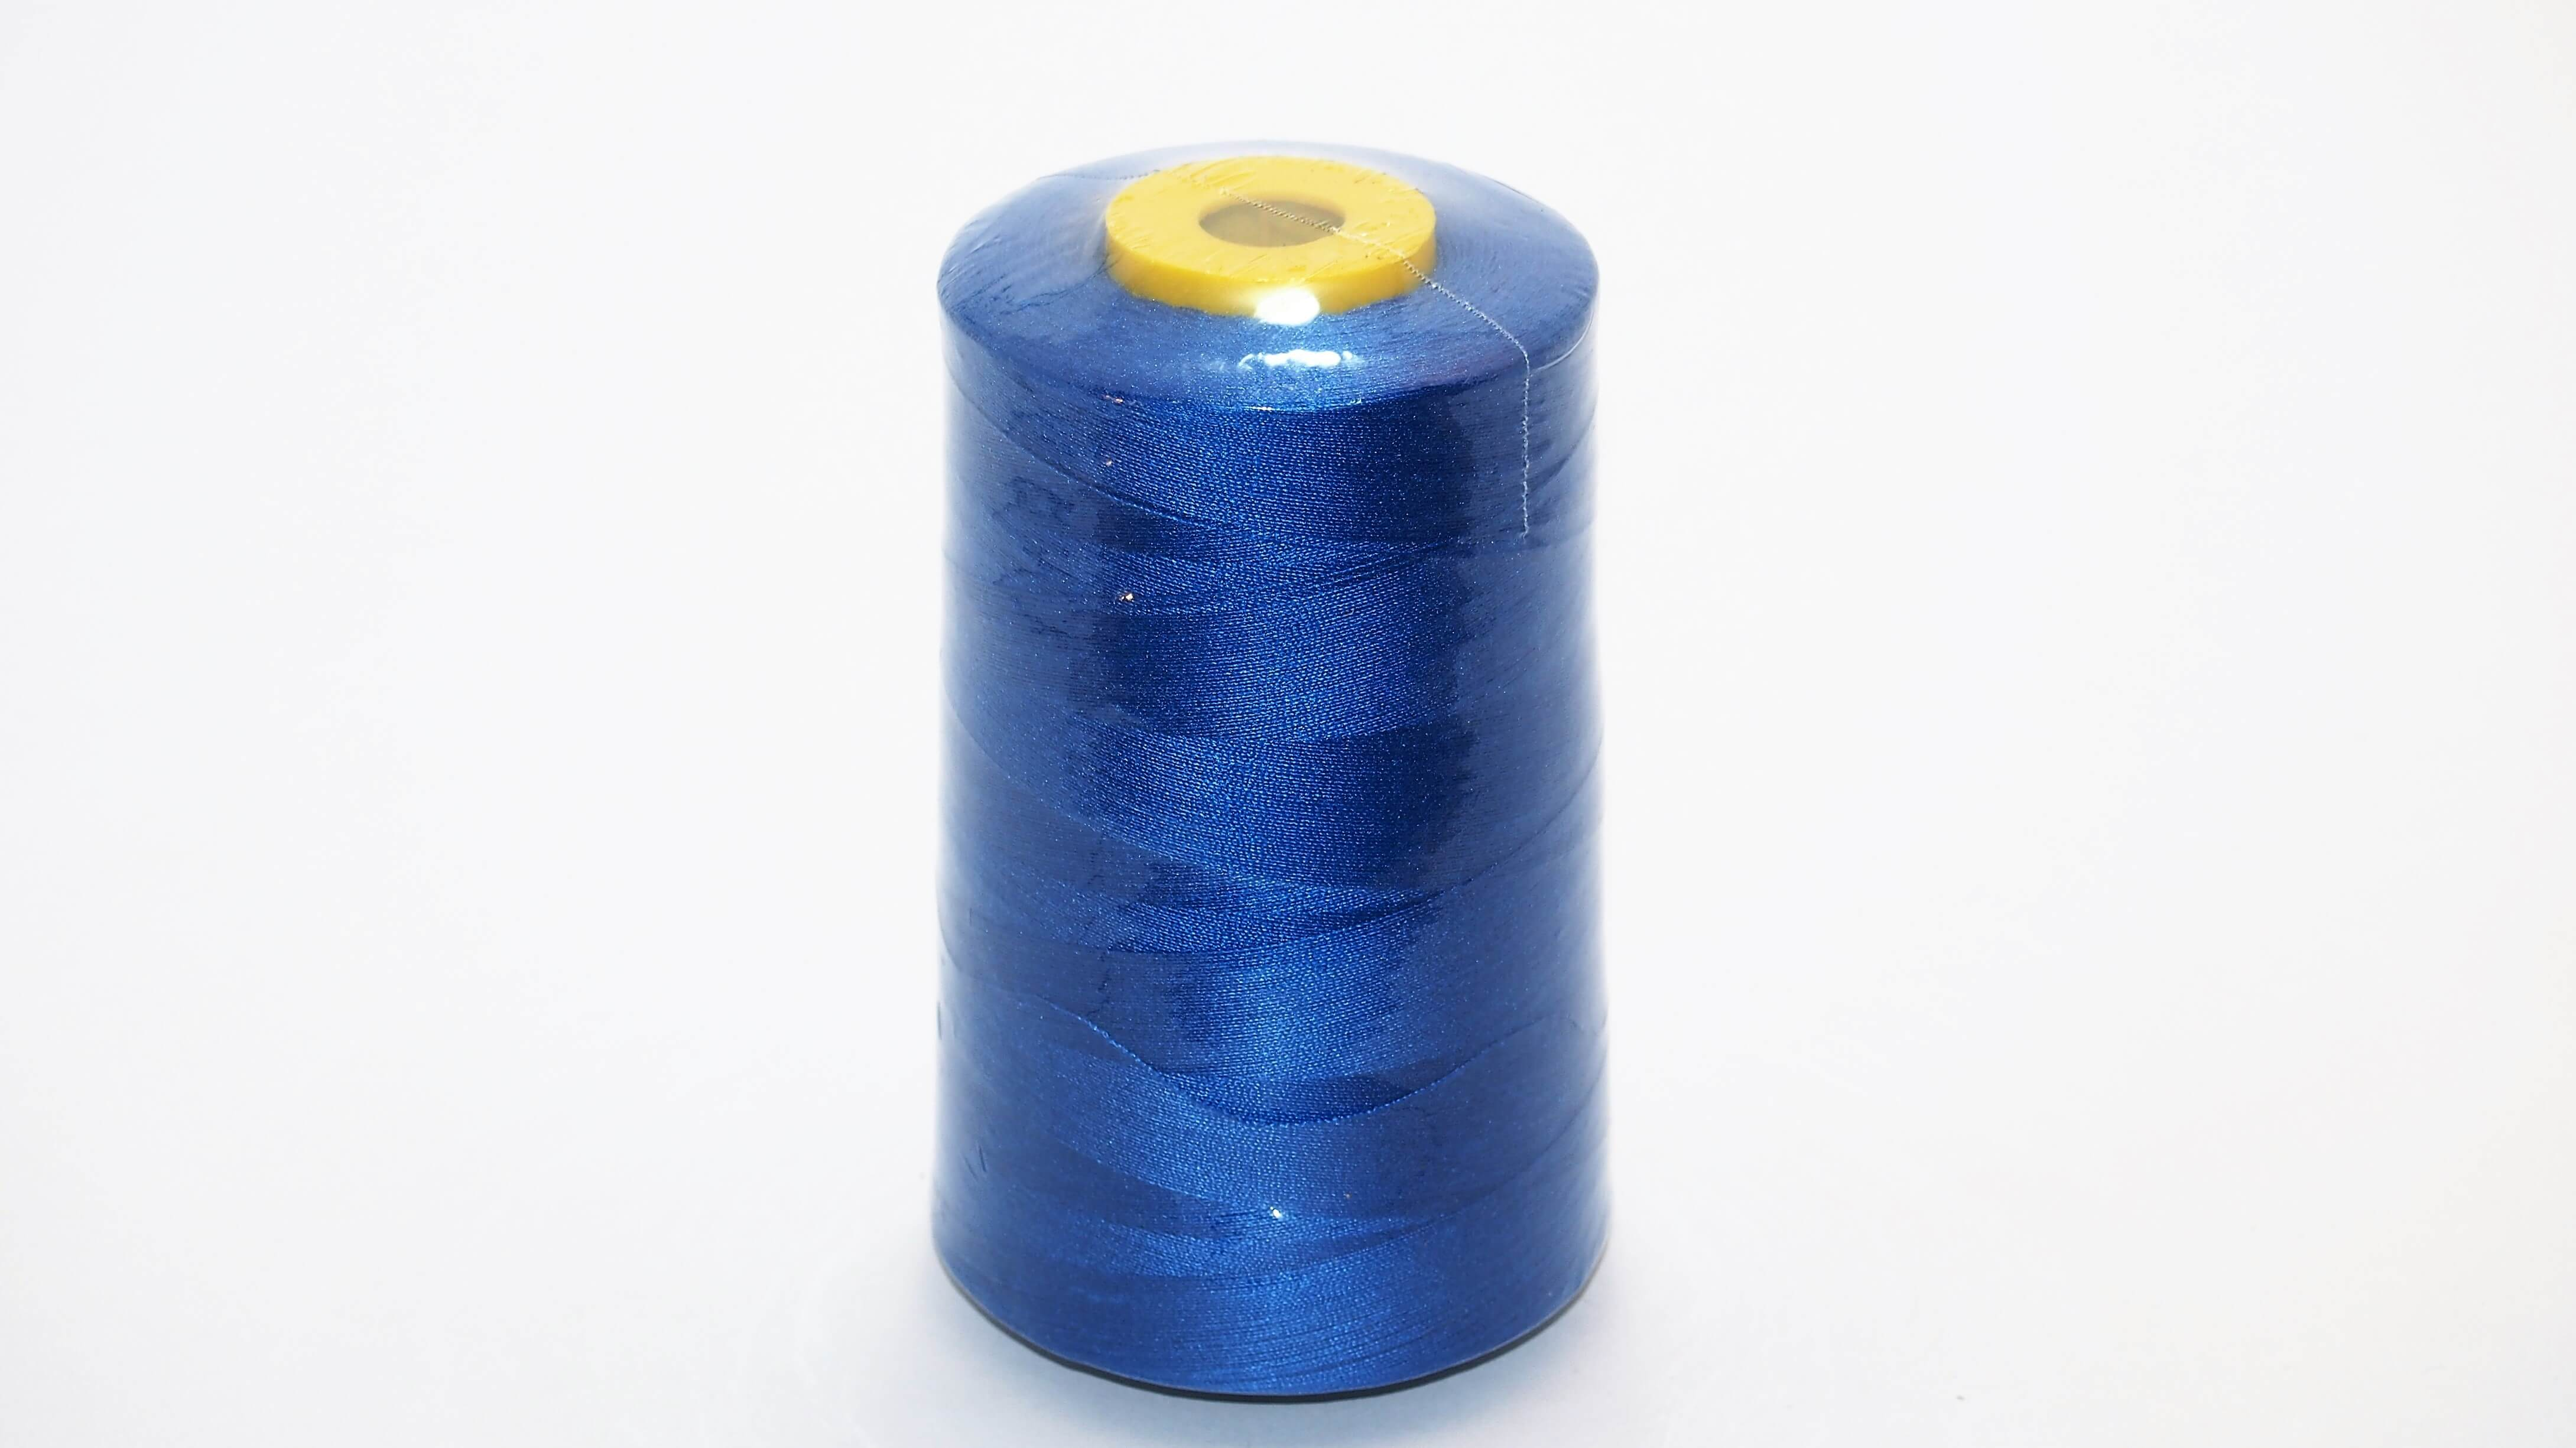 caja de 10 conos azul real Hilo de coser de poli/éster para m/áquina de overlocking en colores 5000 yardas